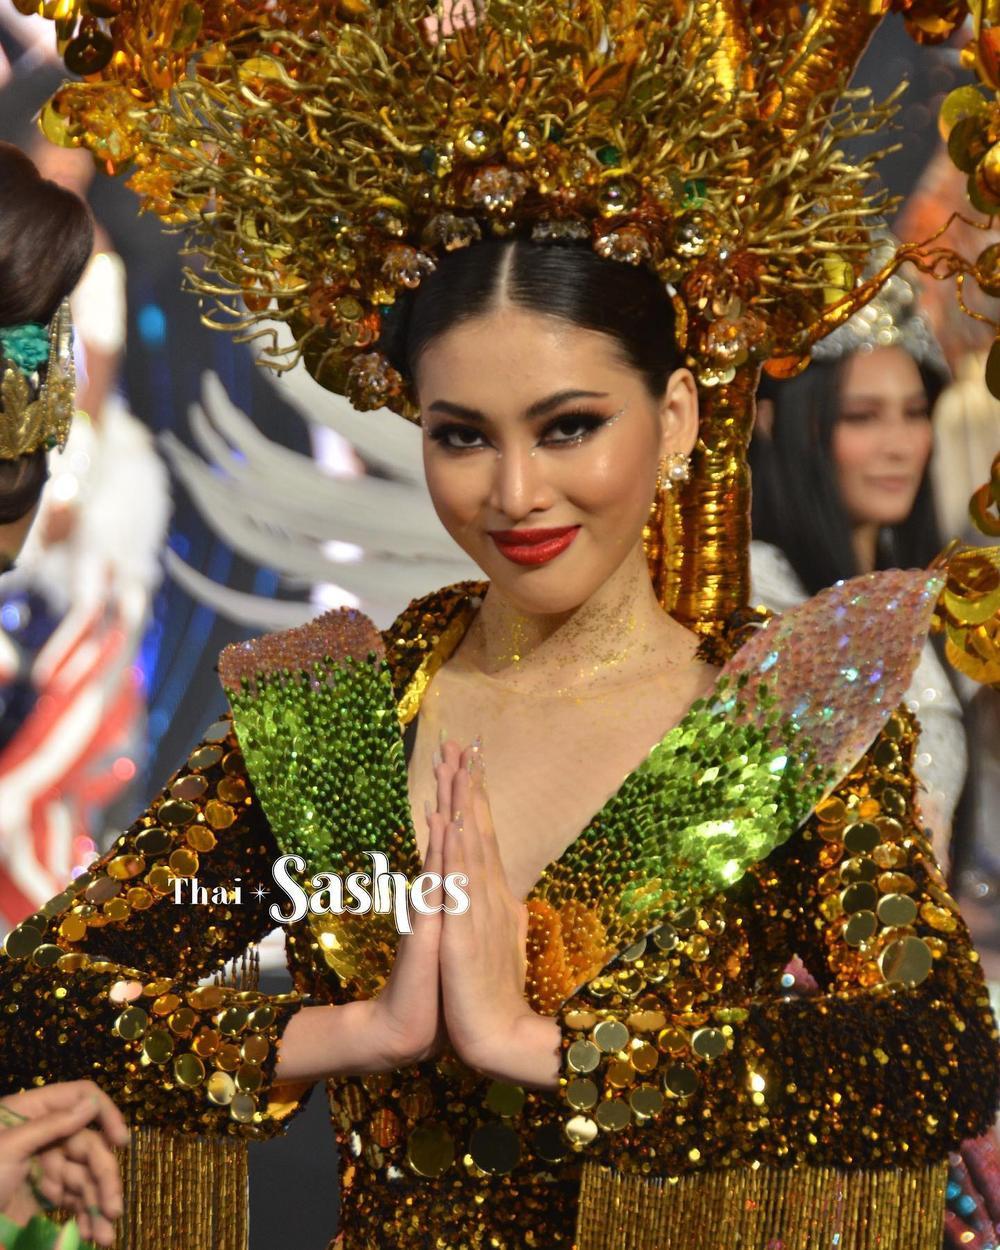 Ngọc Thảo xếp hạng 2 tổng bình chọn tiến thẳng Top 10, BGK 'cứu' luôn vào Top 5 Best National Costume Ảnh 4